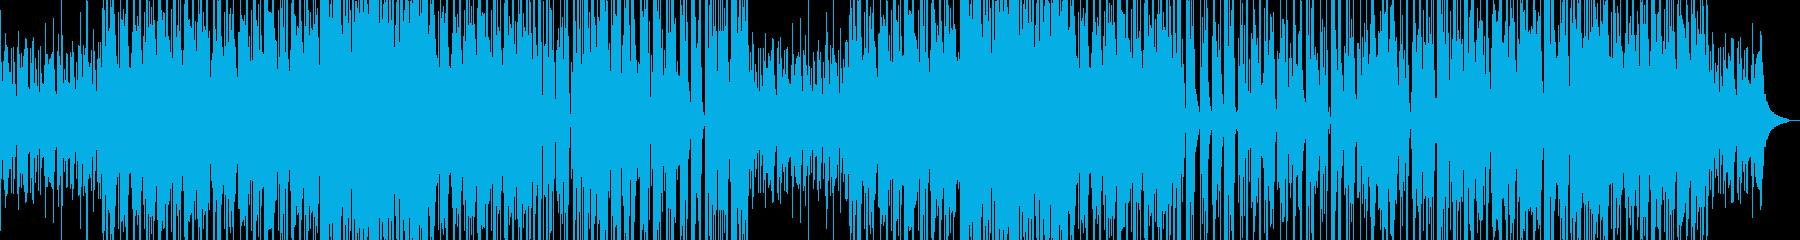 渋いジャジーなピアノワルツの再生済みの波形